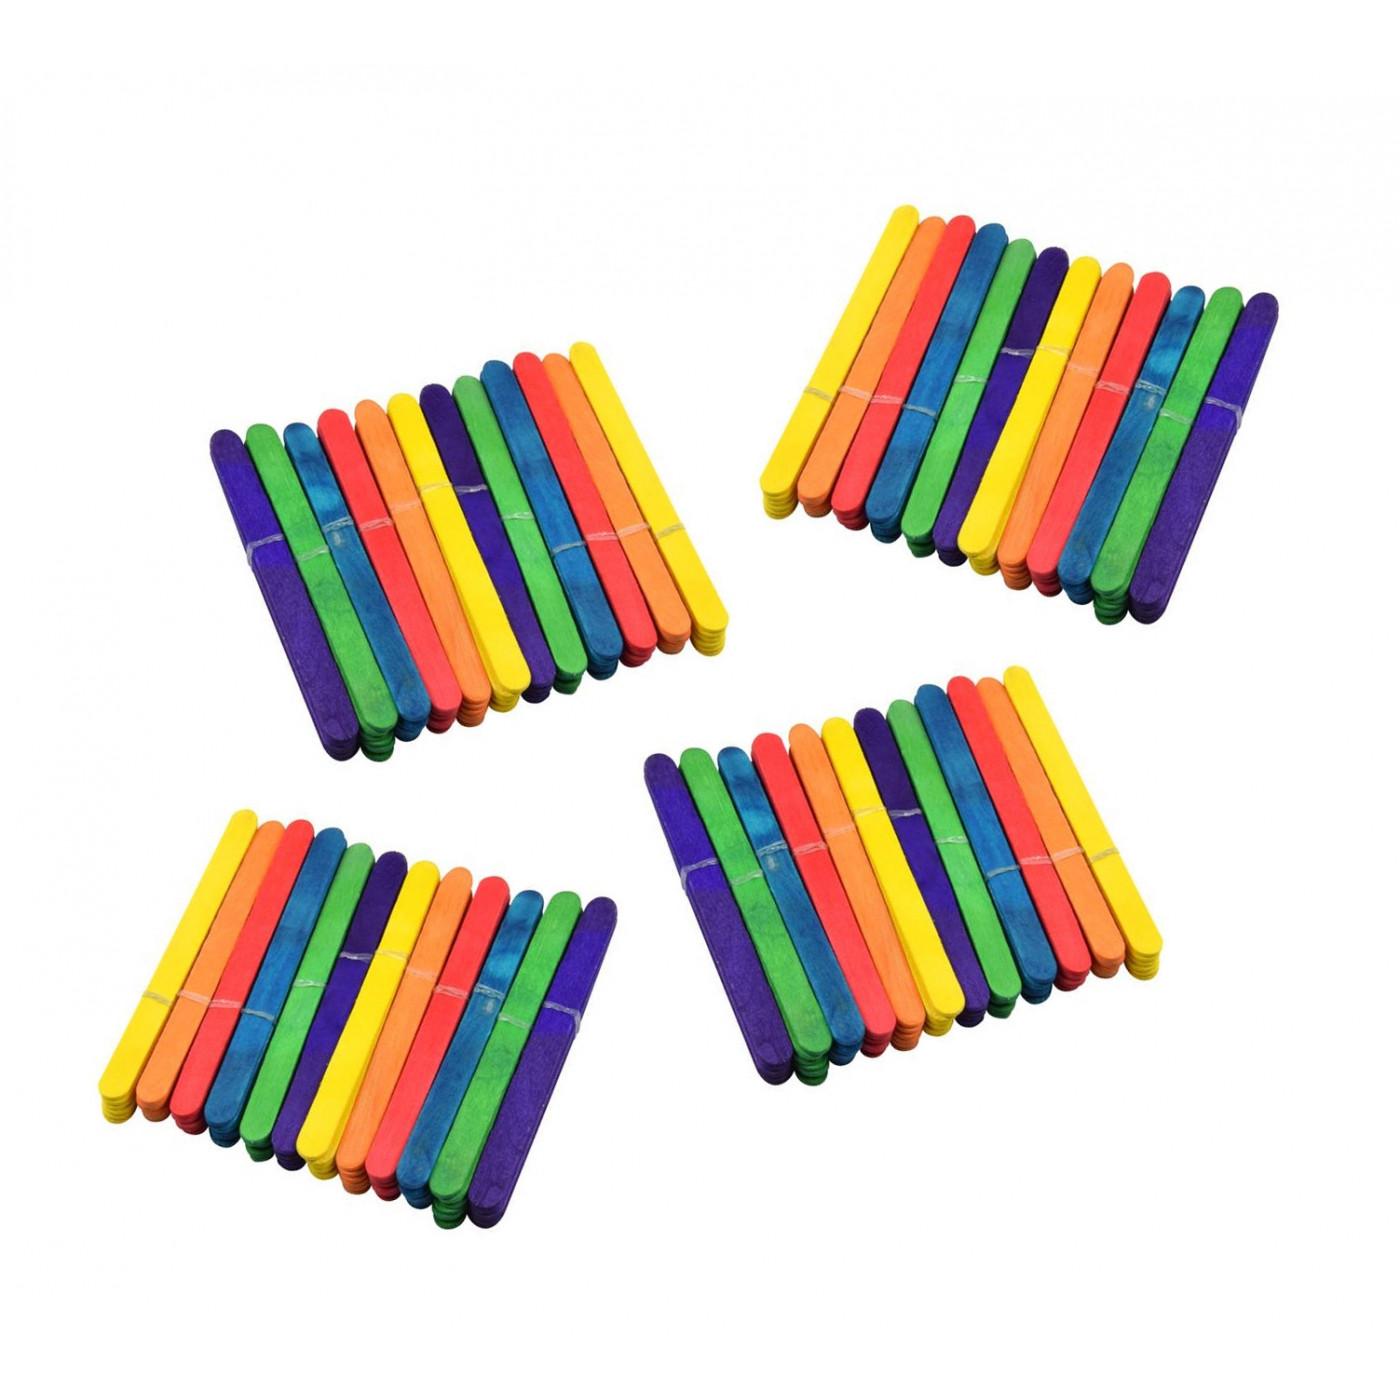 Ensemble de 288 bâtons de bricolage colorés (11 cm de long, 1